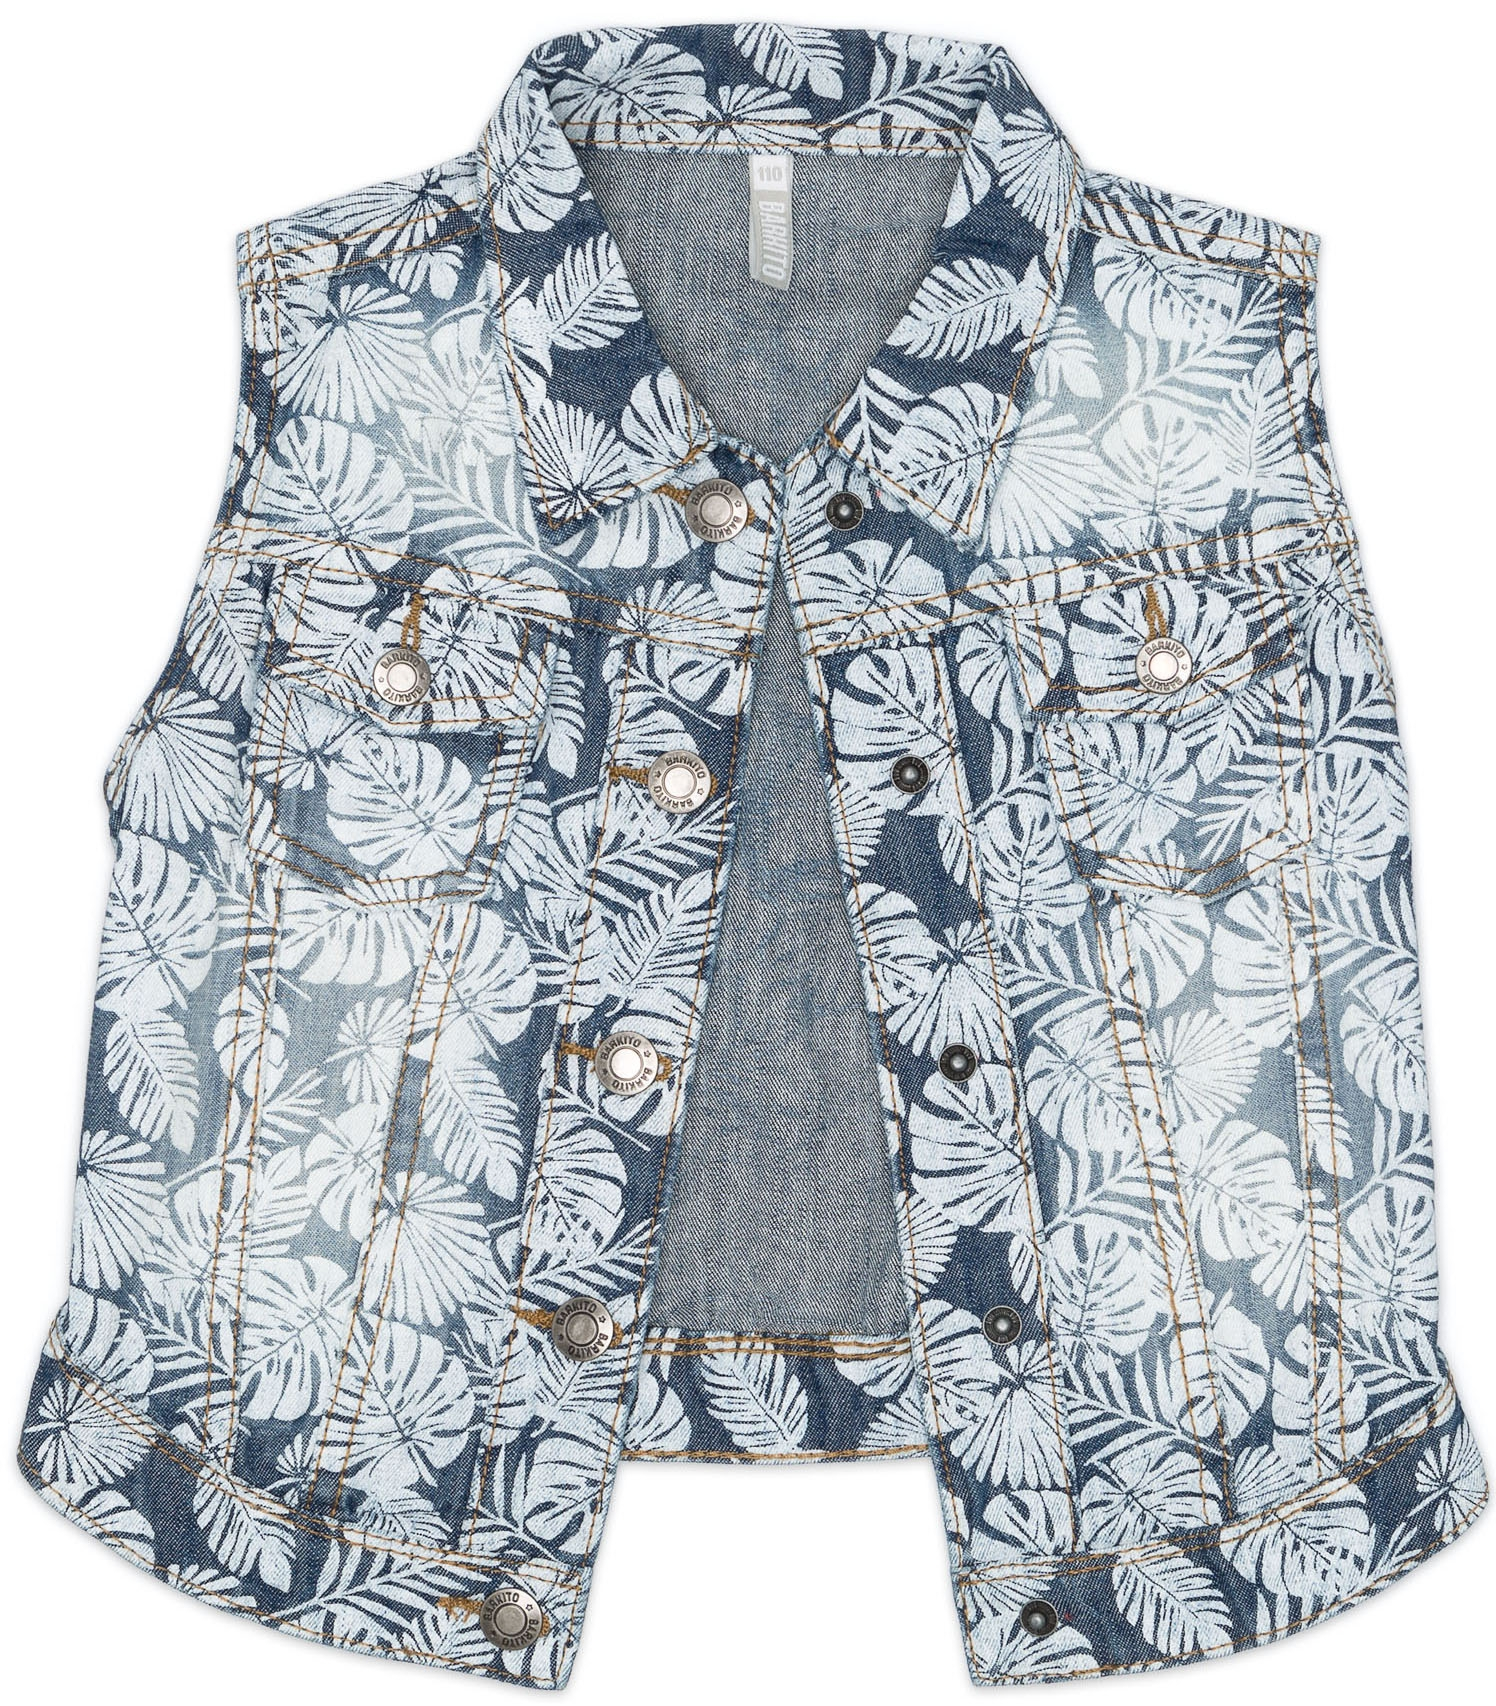 Купить Жилет джинсовый для девочки, Фламинго, Barkito, Бангладеш, голубой, 100% хлопок, Женский